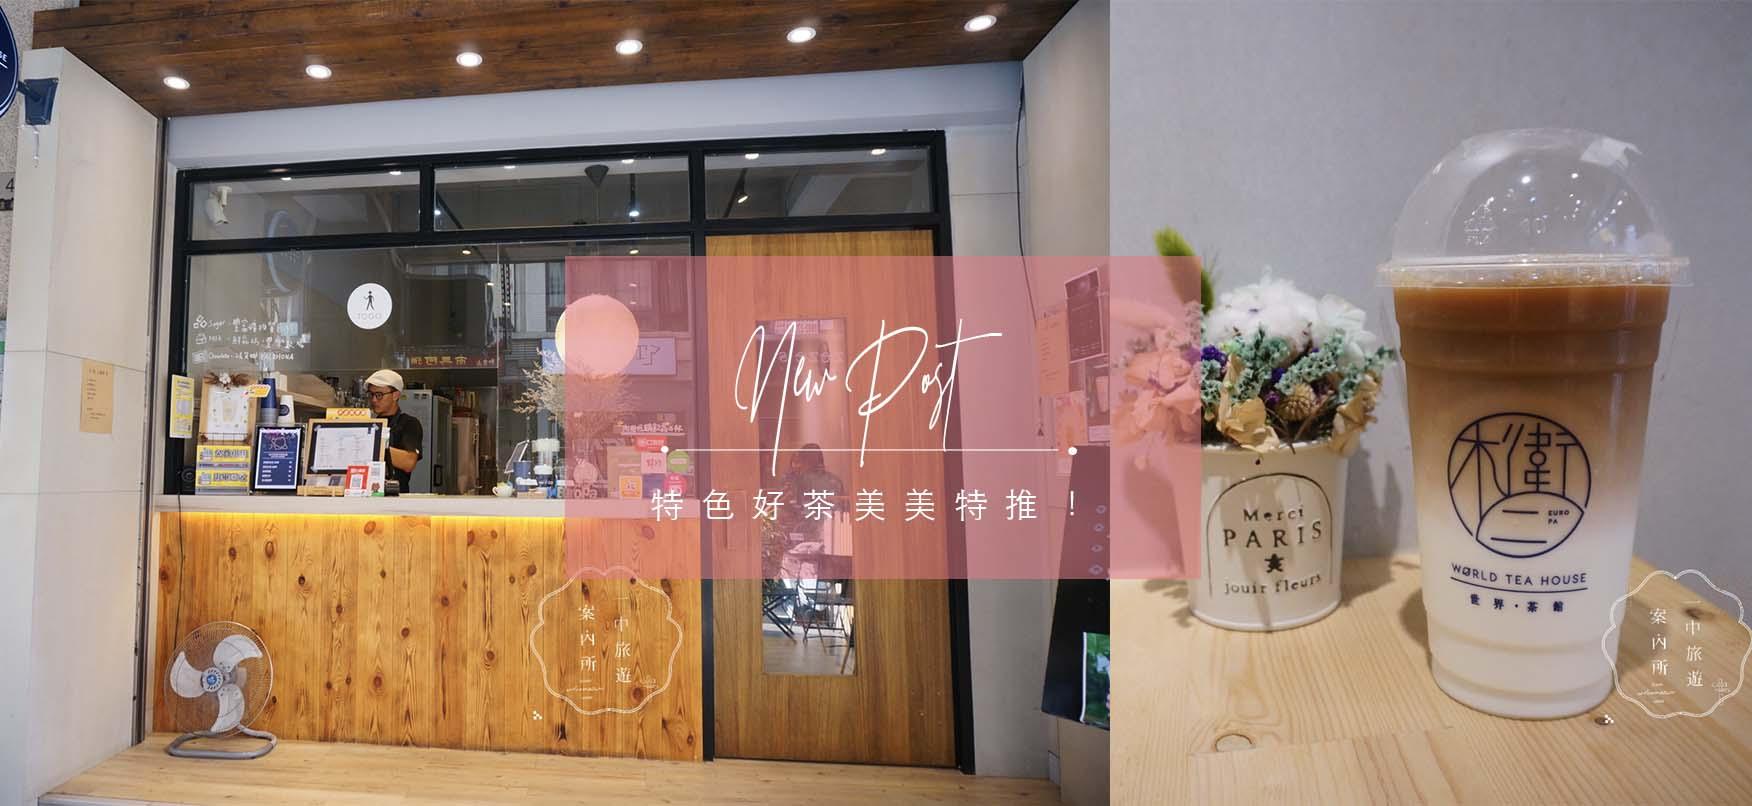 木衛二 世界茶館台中店|茶控必收藏的口袋名單